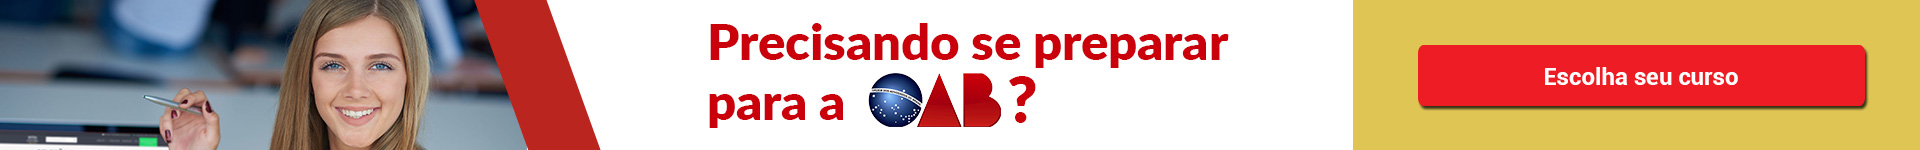 Precisando se preparar para a OAB? Inscreva-se.